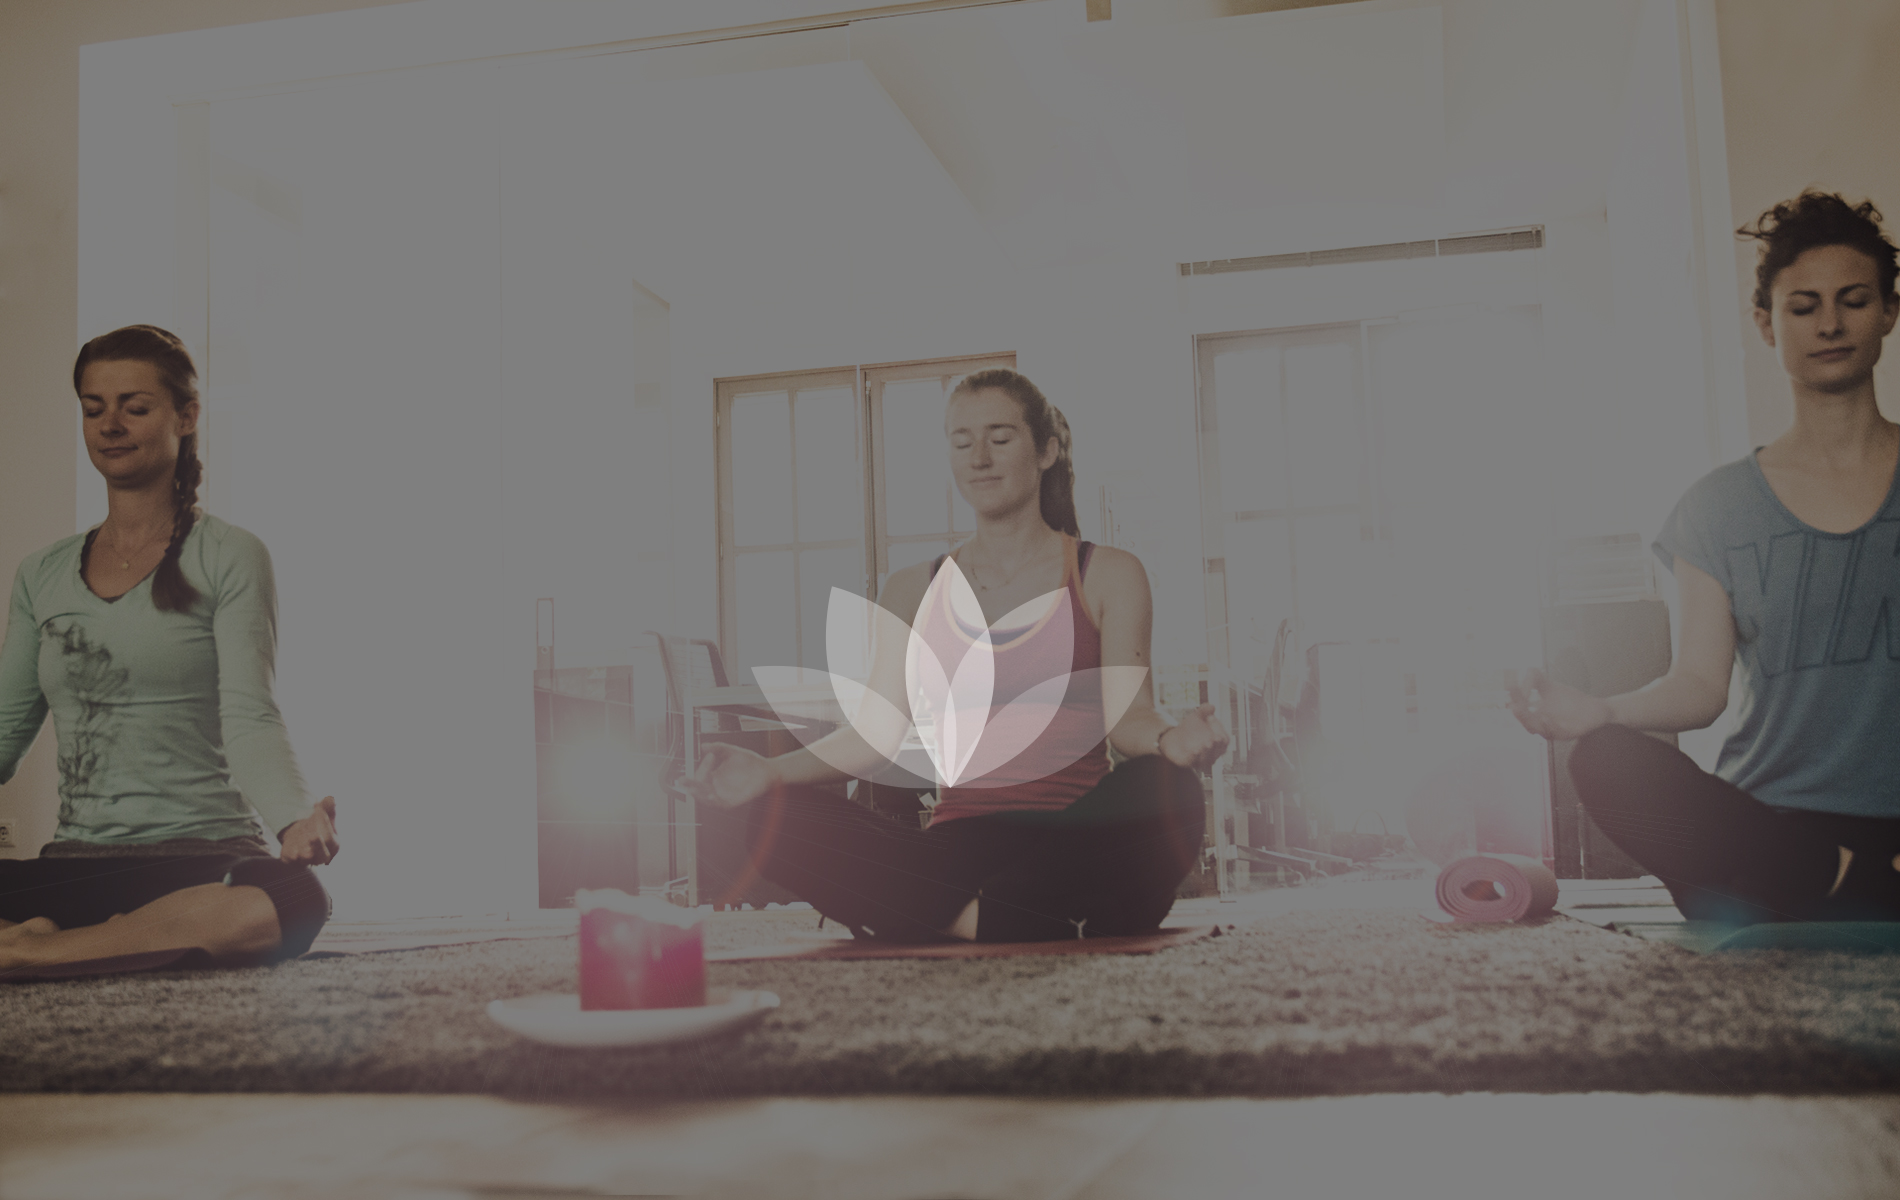 170504_Yoga_Atem_1_1900x1200px